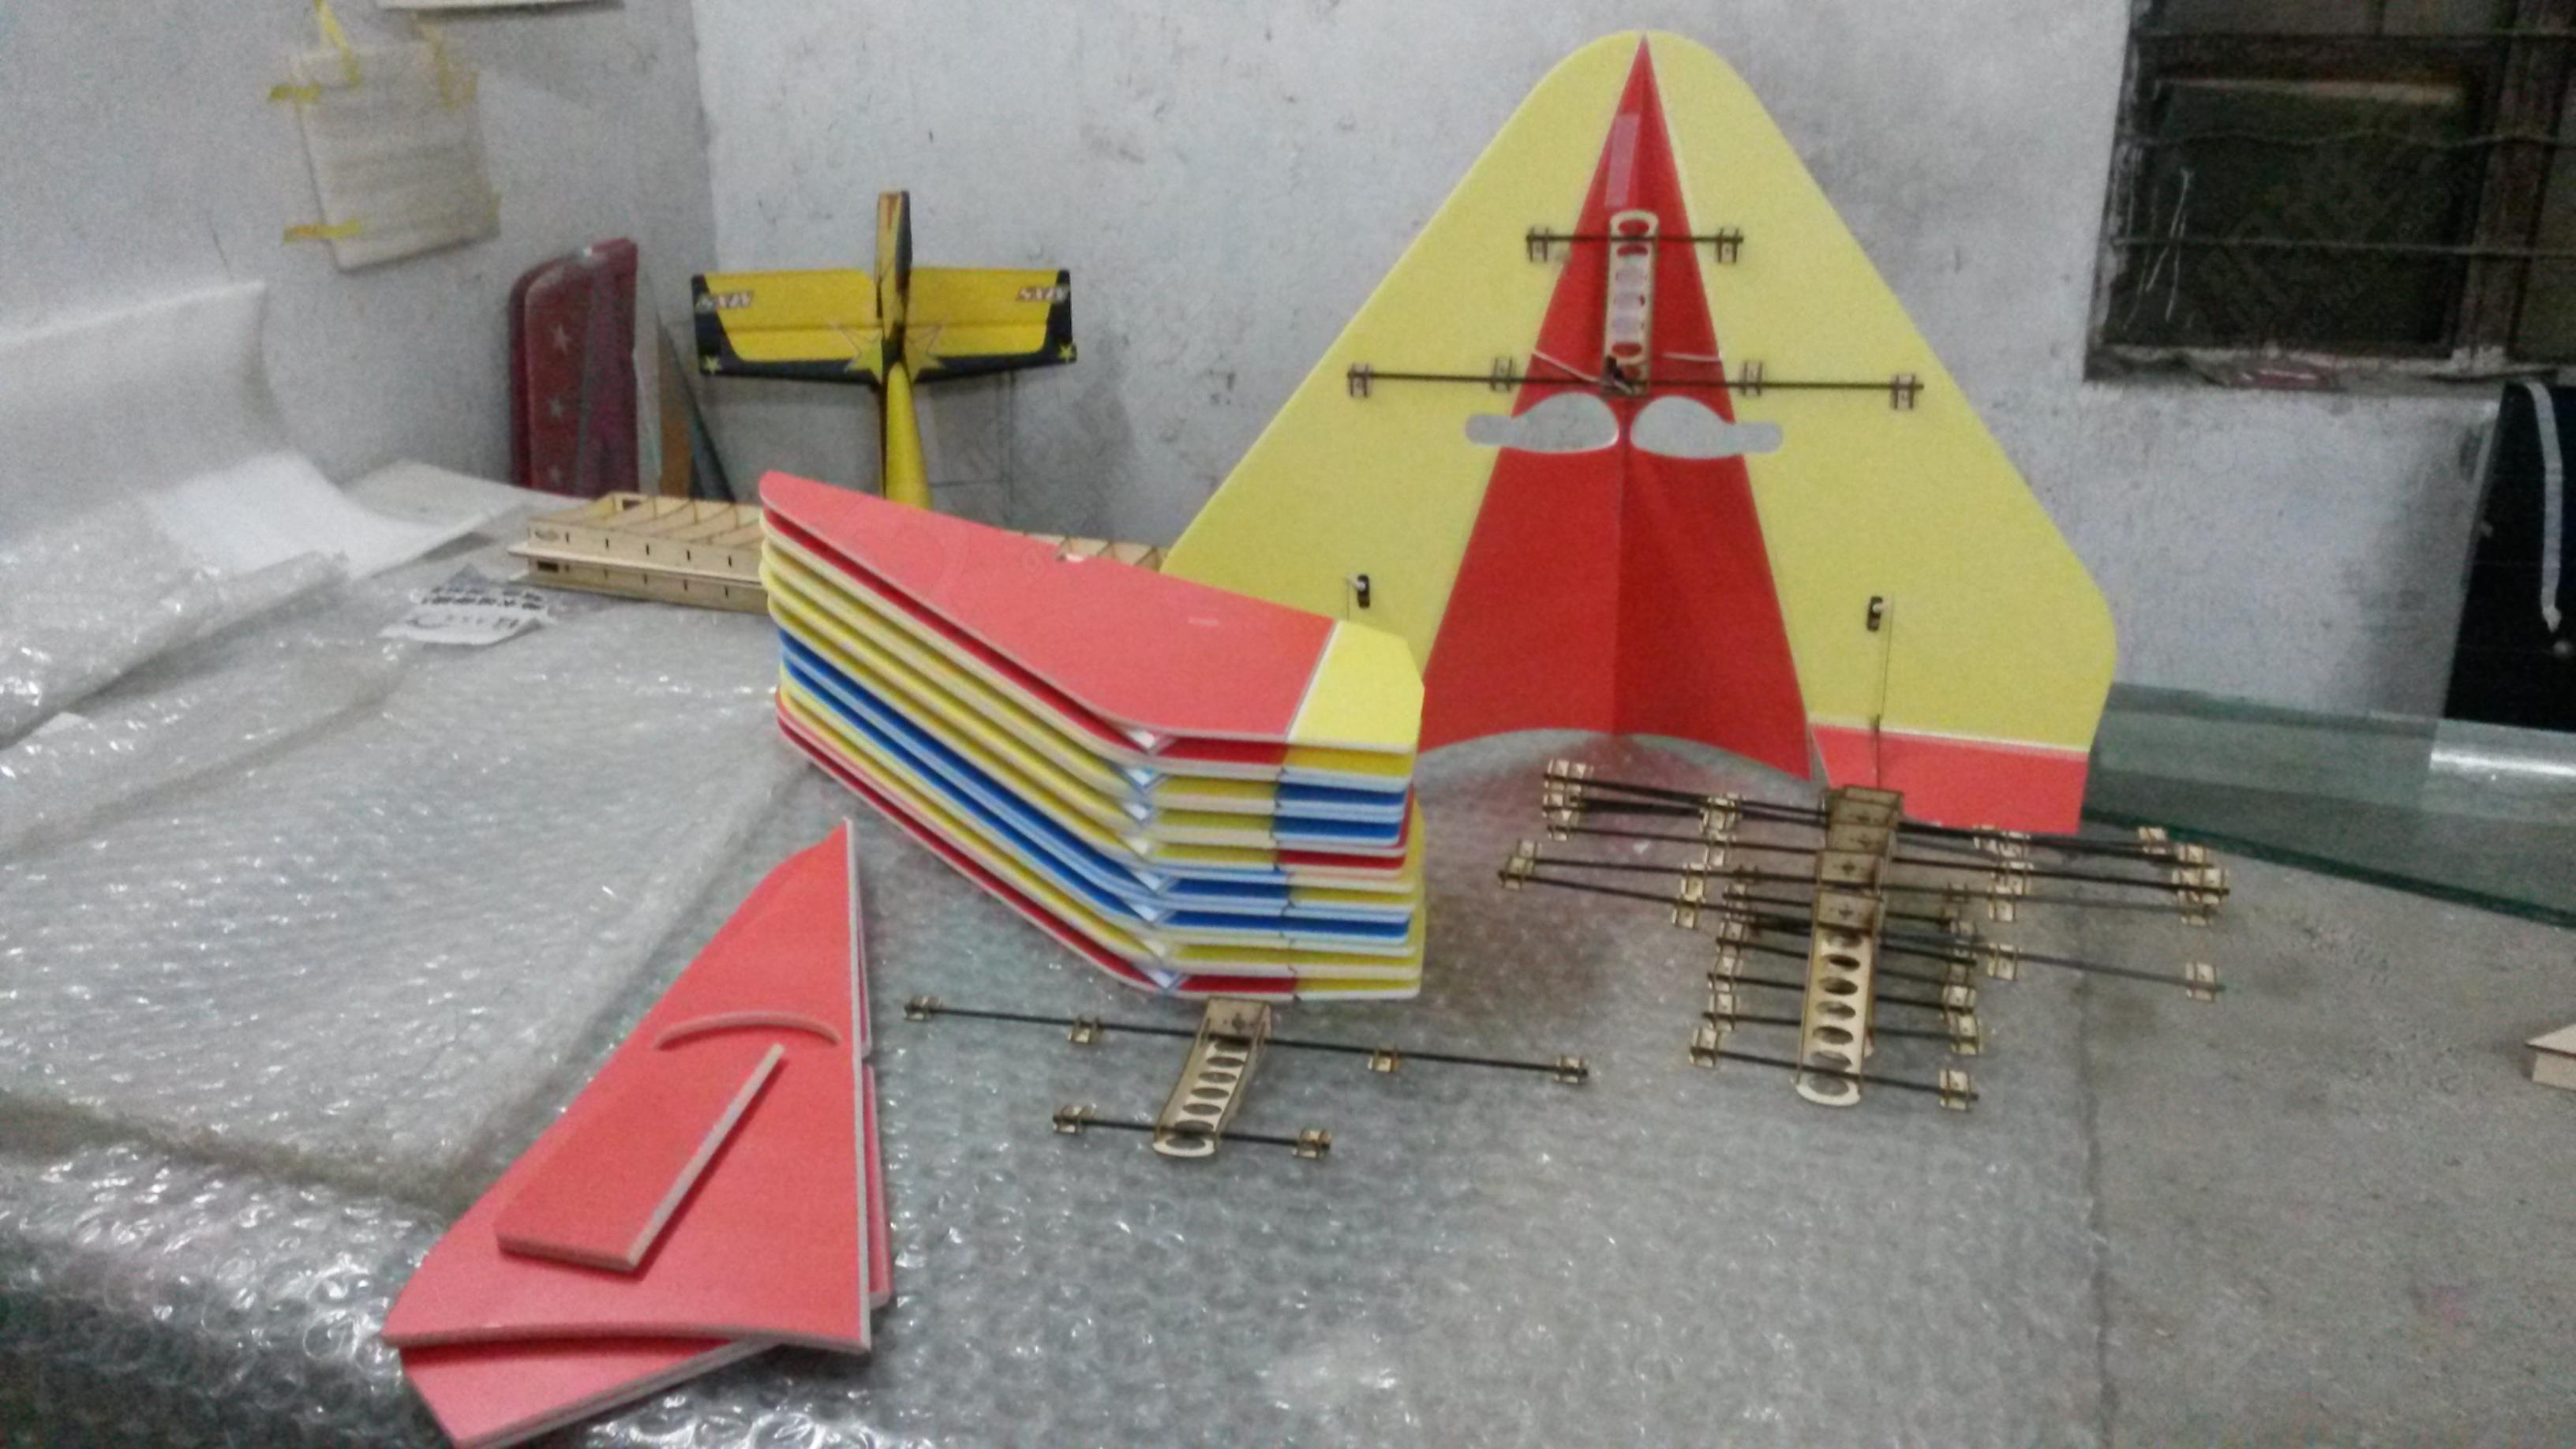 【视频】遥控三角翼飞机模型制作教程